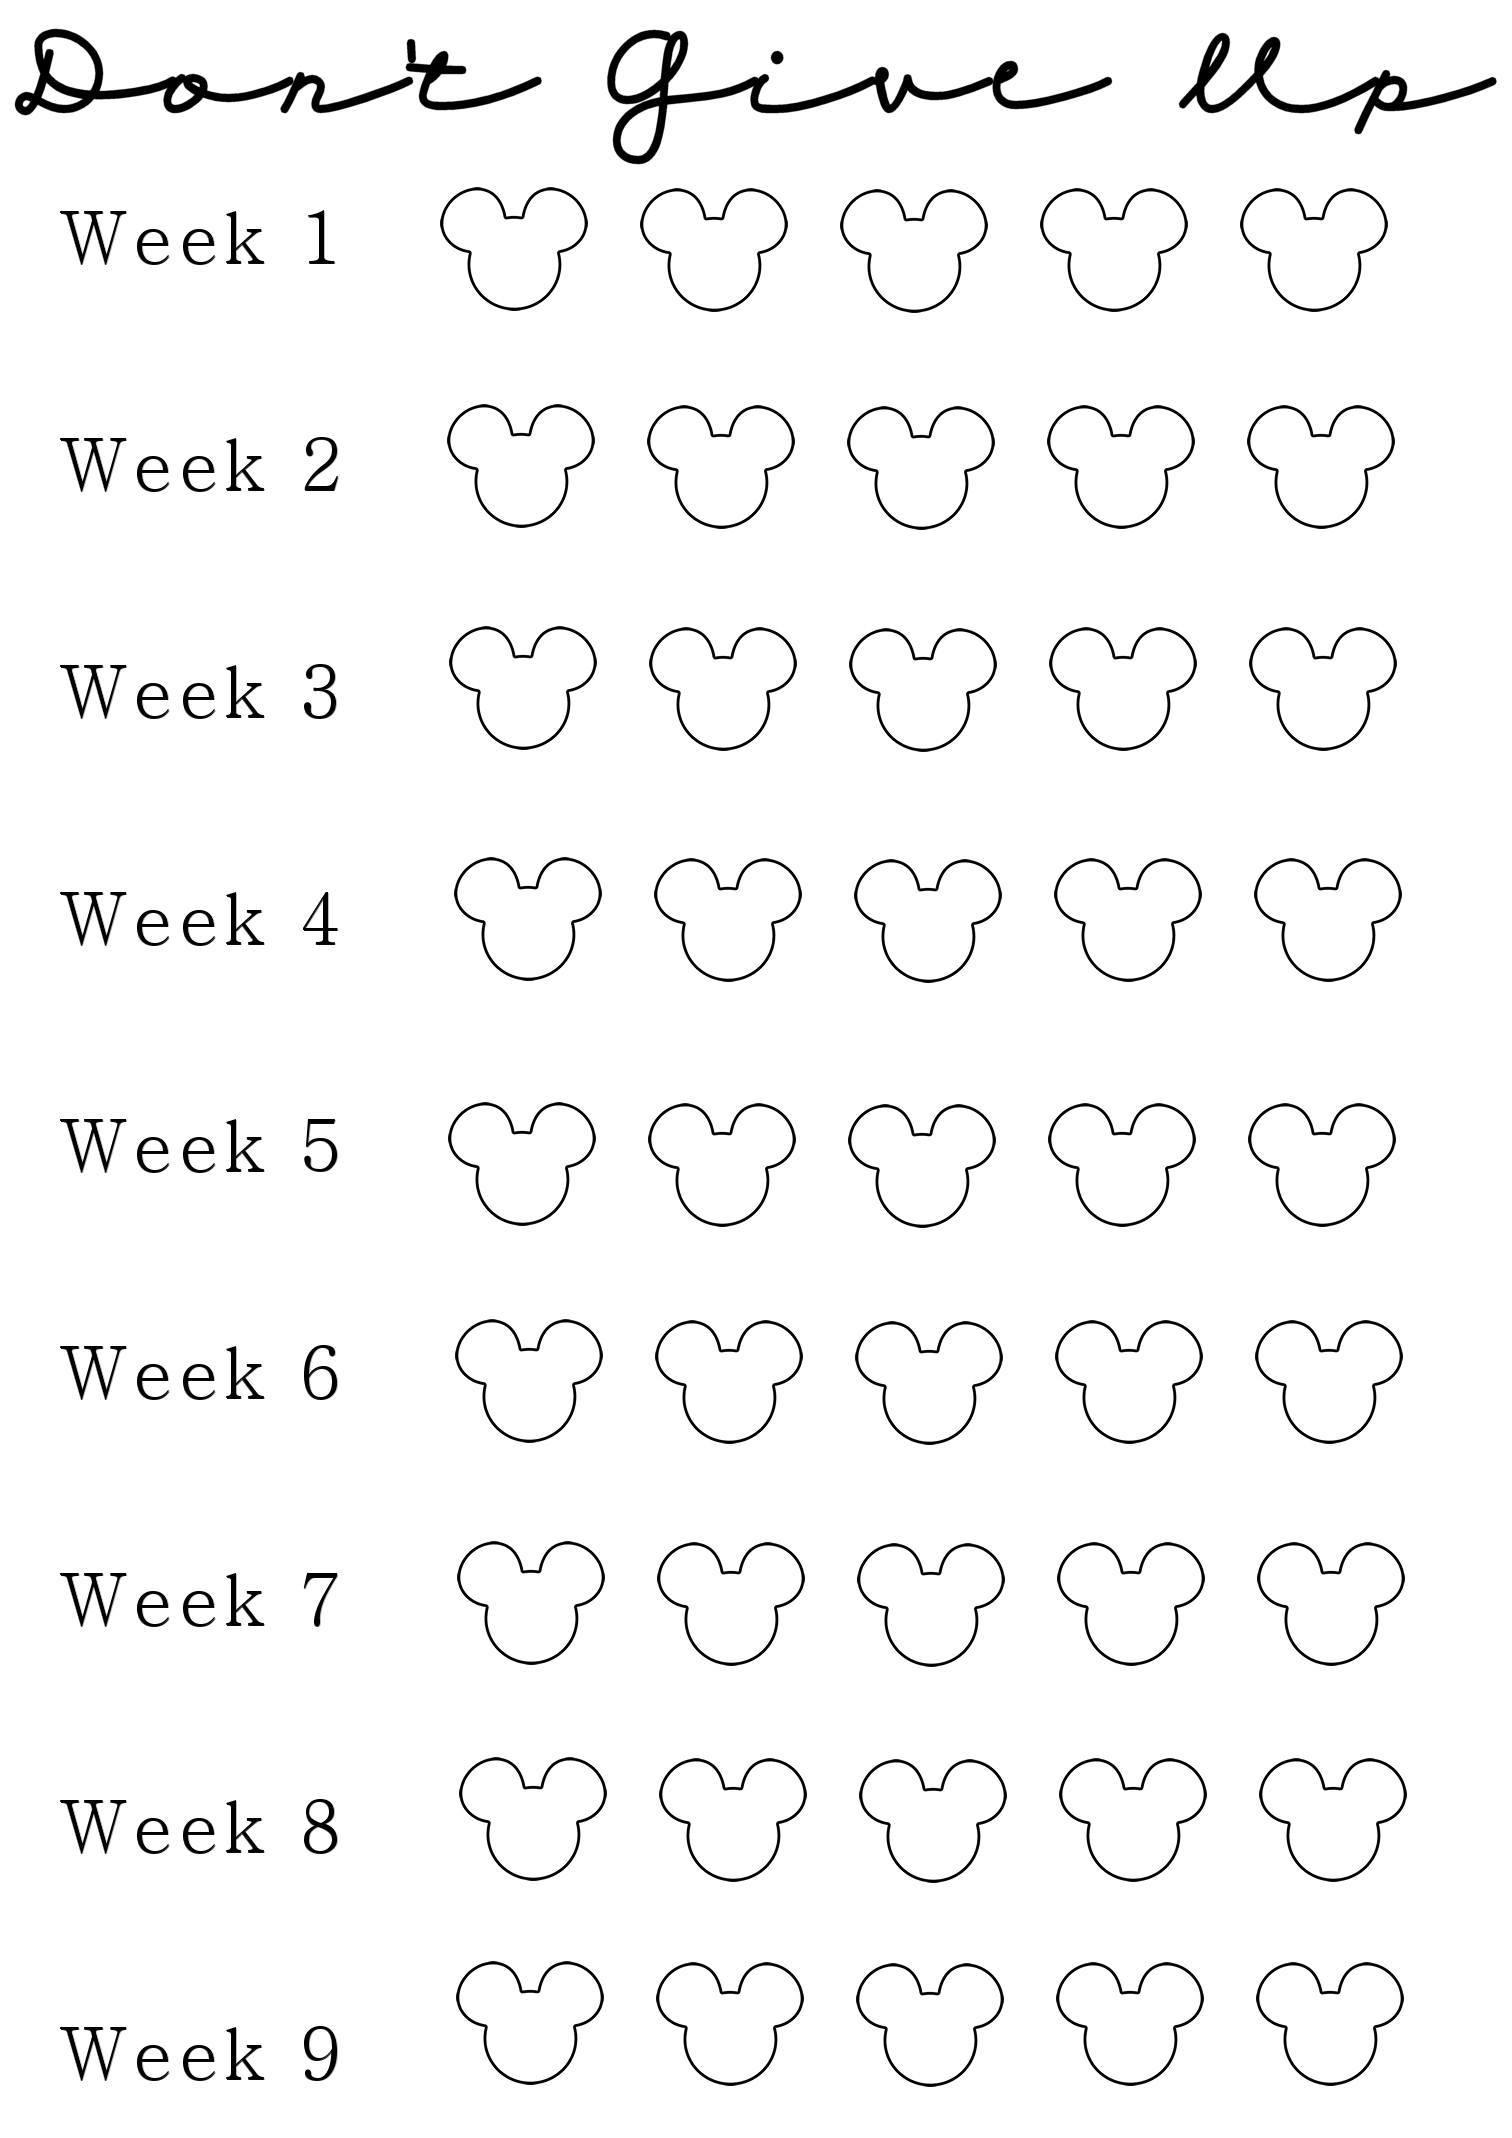 Week 2 Of My Nine Week Weight Loss Challenge